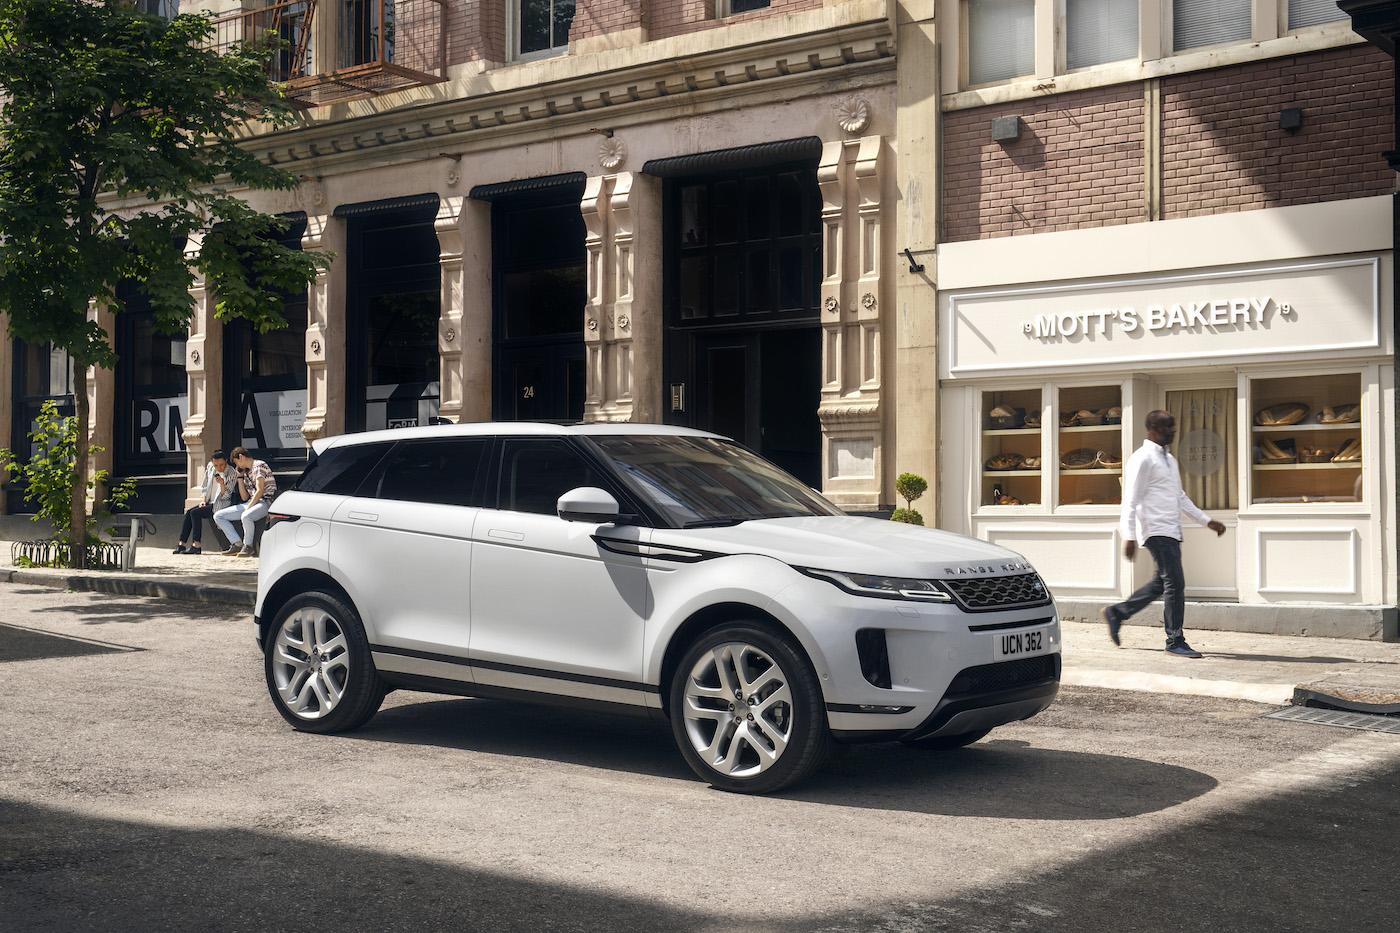 Der neue Evoque: Range Rover übertrifft sich selbst 1